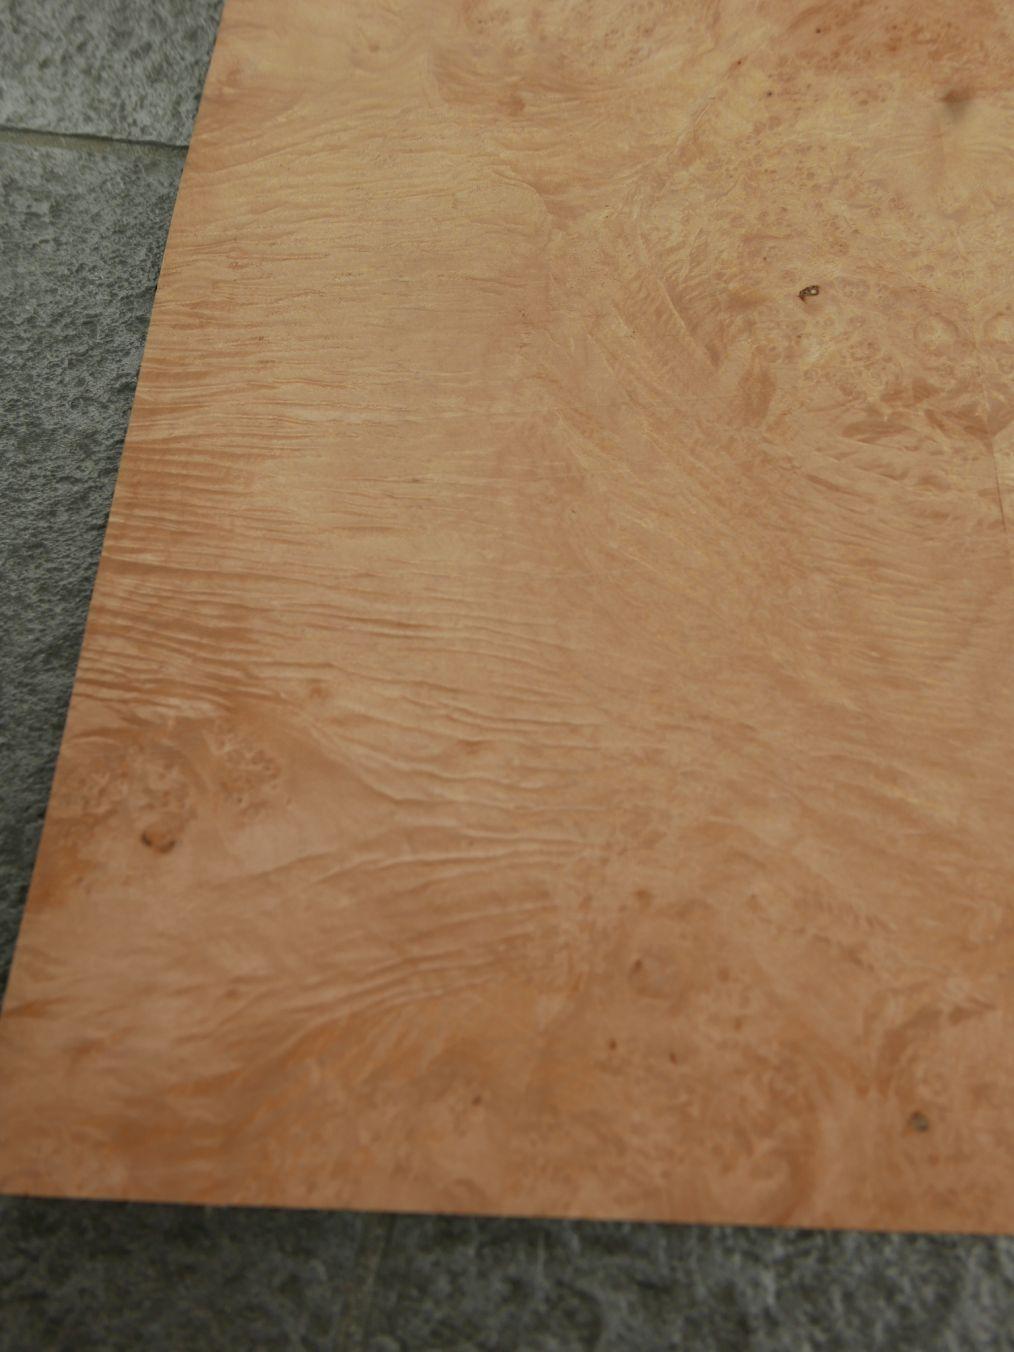 GW092-3 Gevoegd Esdoorn Gewaterd Wortel 31x58cm 1st